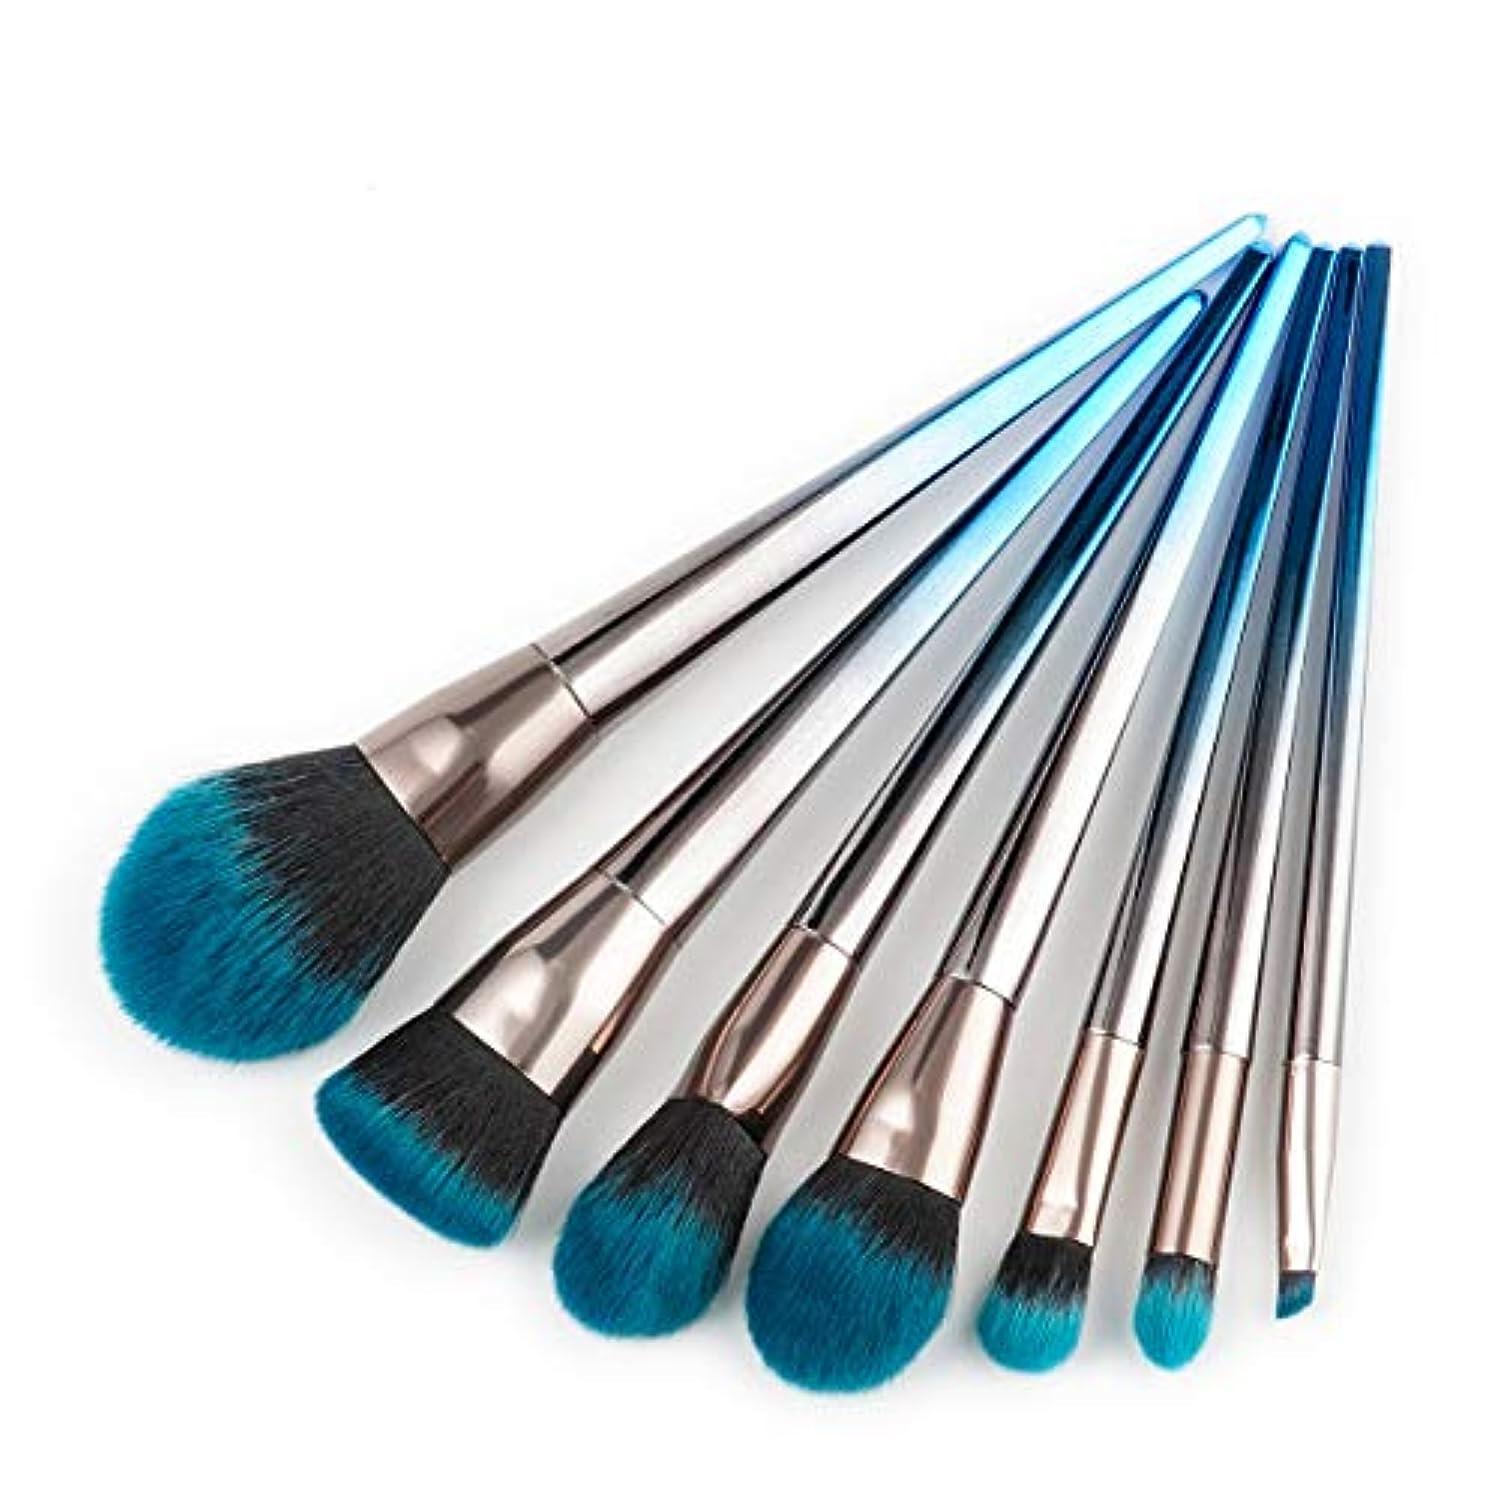 なめらかスカルク口述Makeup brushes 7ピースブルーブラックグラデーションメイクブラシセット整形ファンデーション赤面アイシャドウリップブラシフェイシャルメイクアップツール suits (Color : Blue and black...